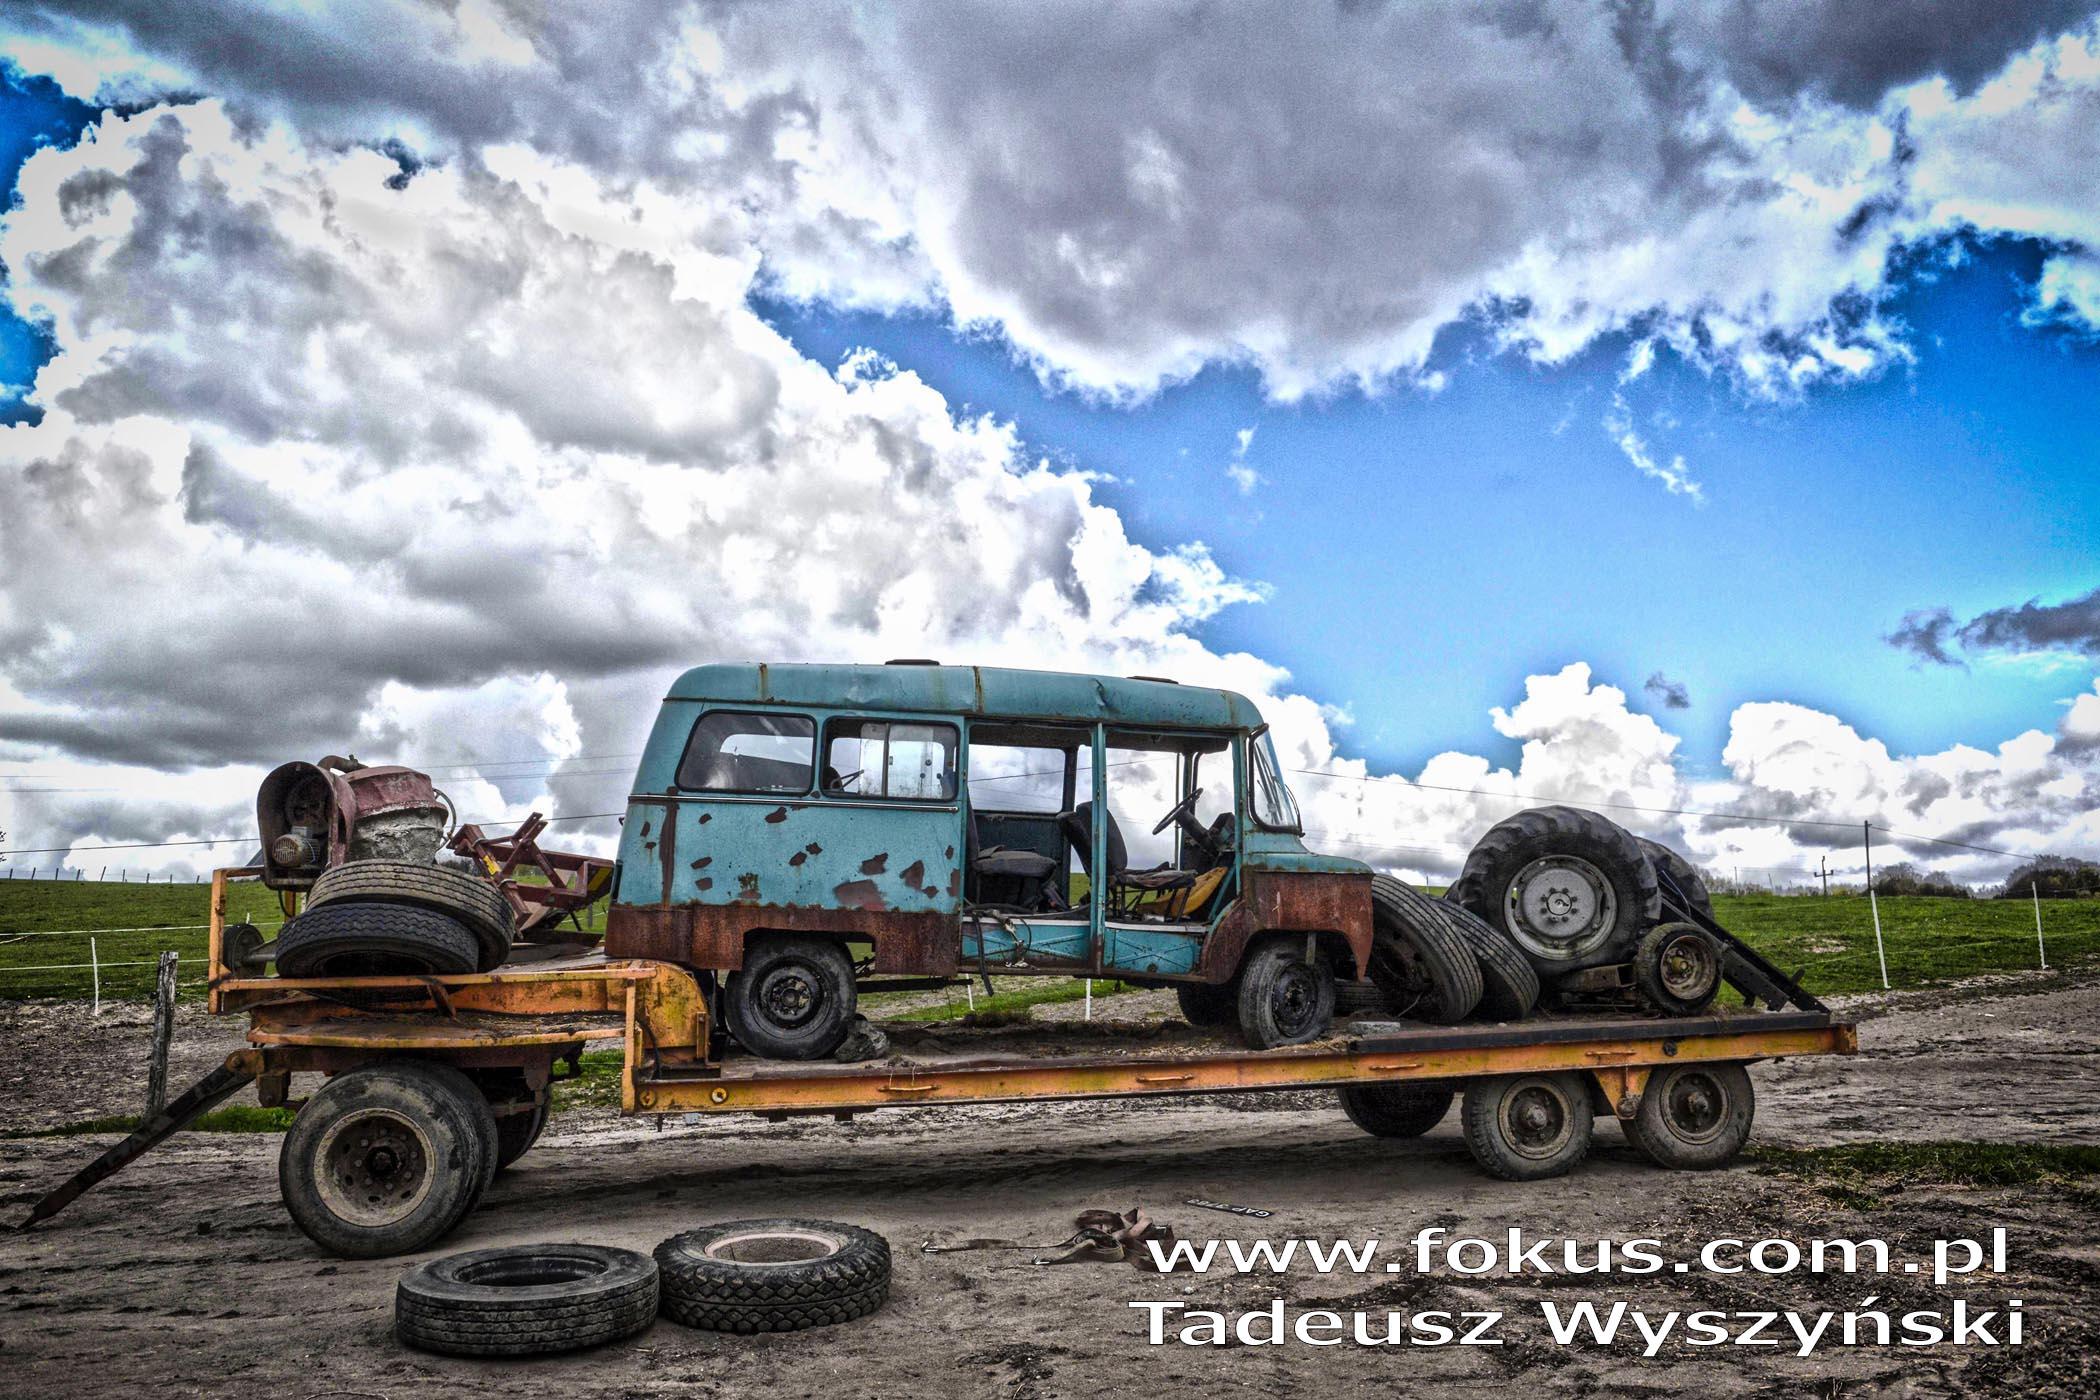 Zdjęcia HDR fotografia Tadeusz Wyszyński